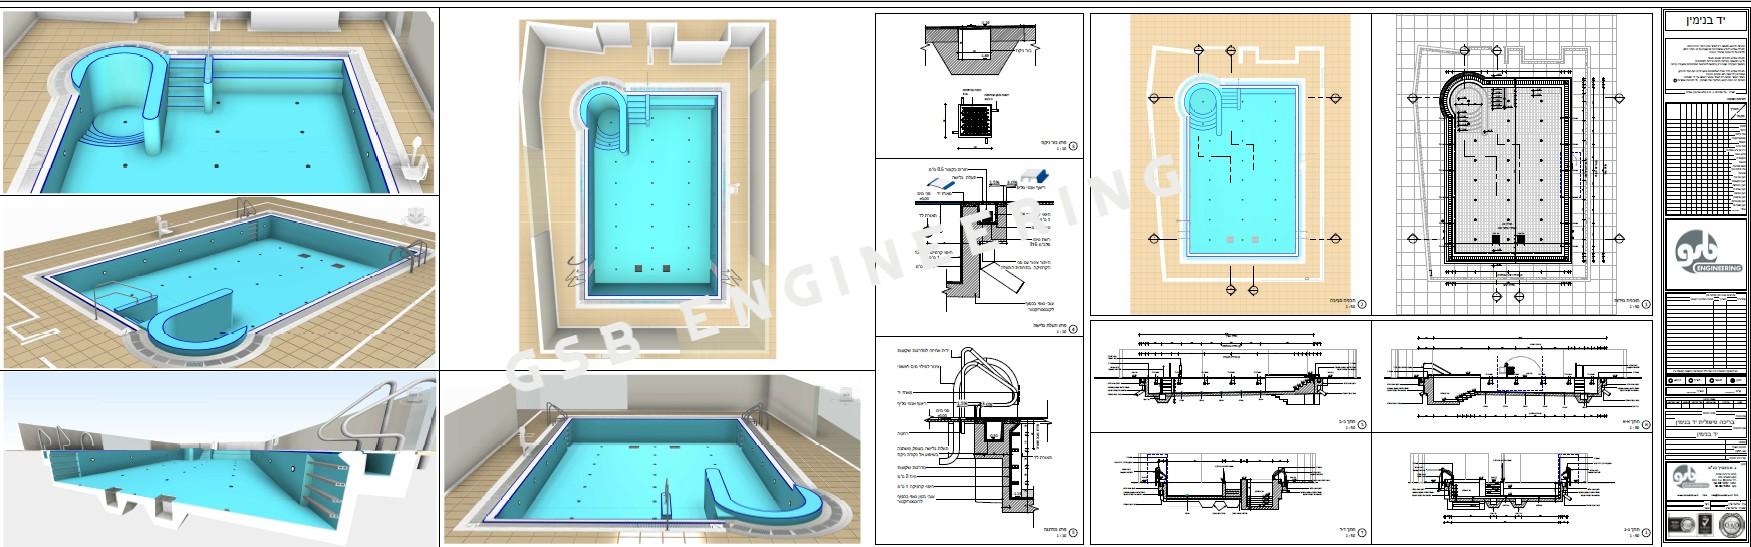 תכנון בריכת שחייה טיפולית ביישוב יד בנימין